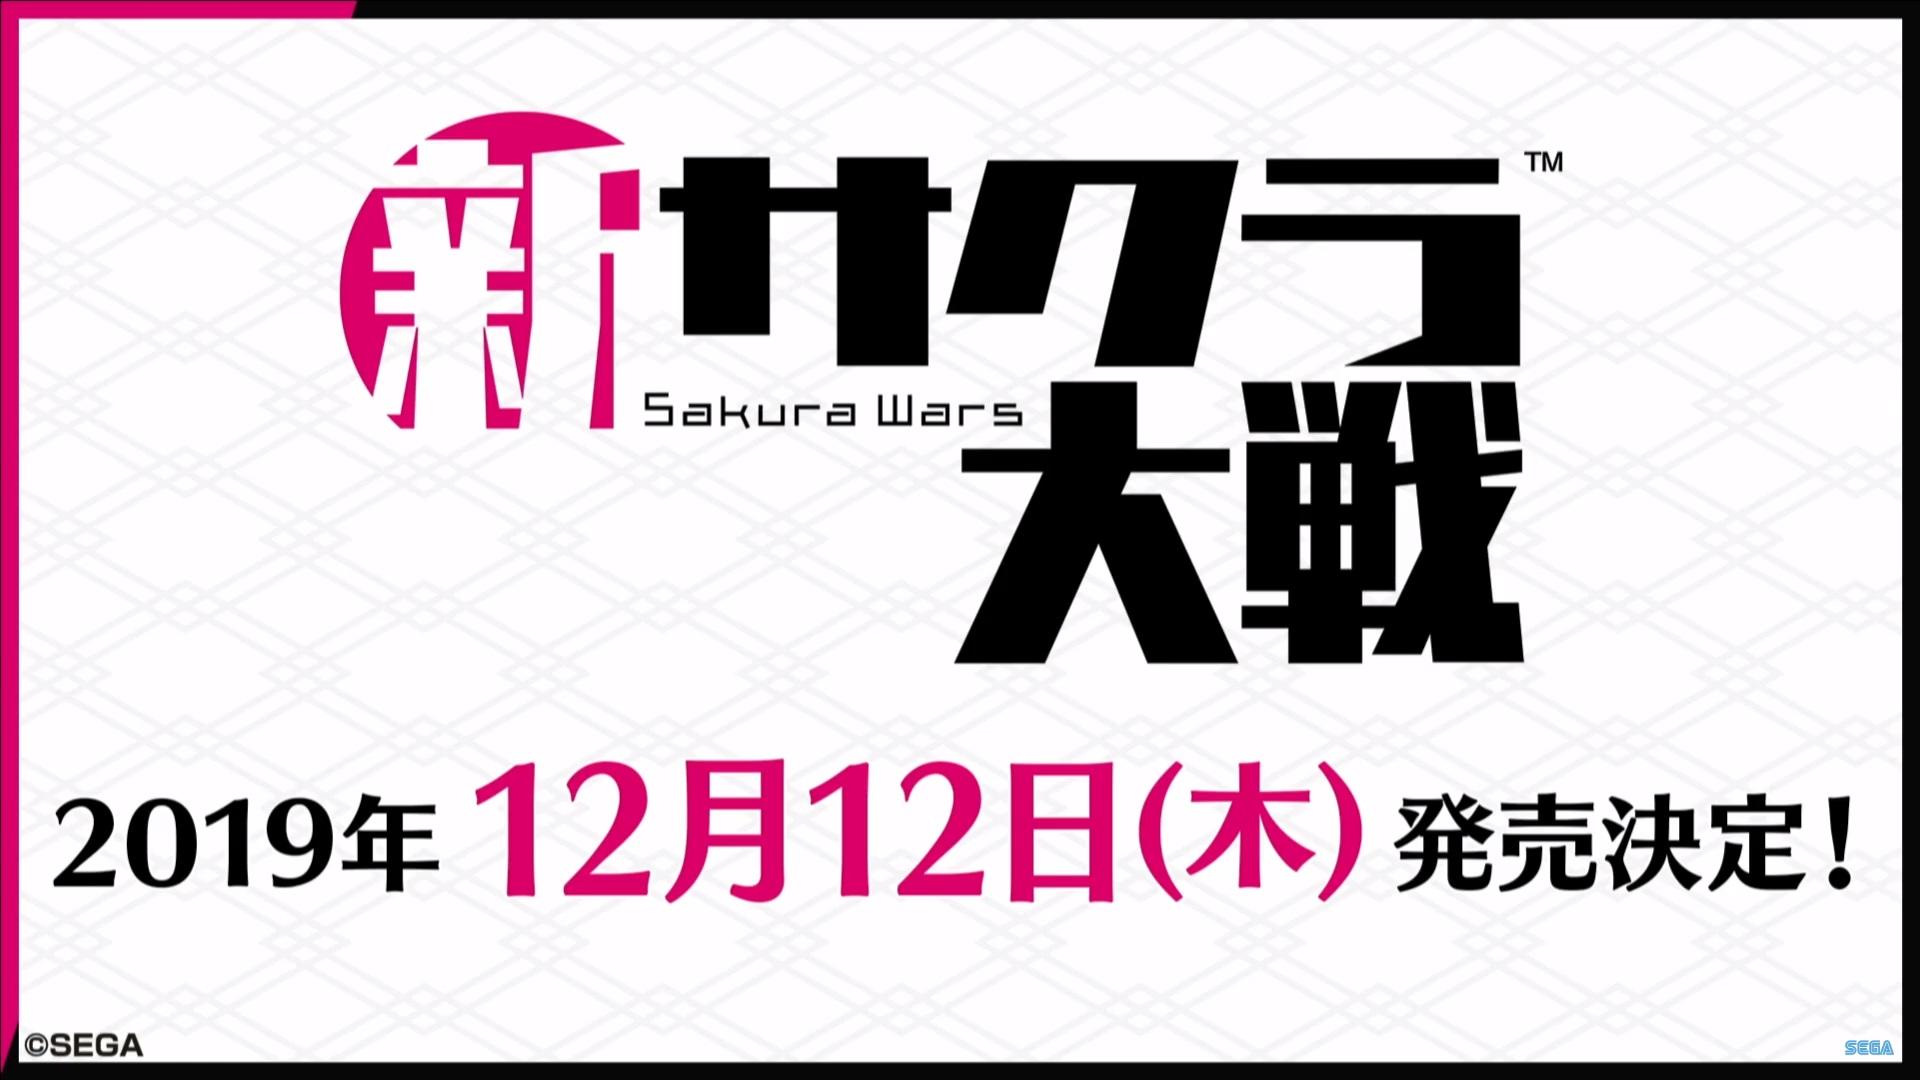 【ゲーム】 「新サクラ大戦」の発売日が2019年12月12日に決定